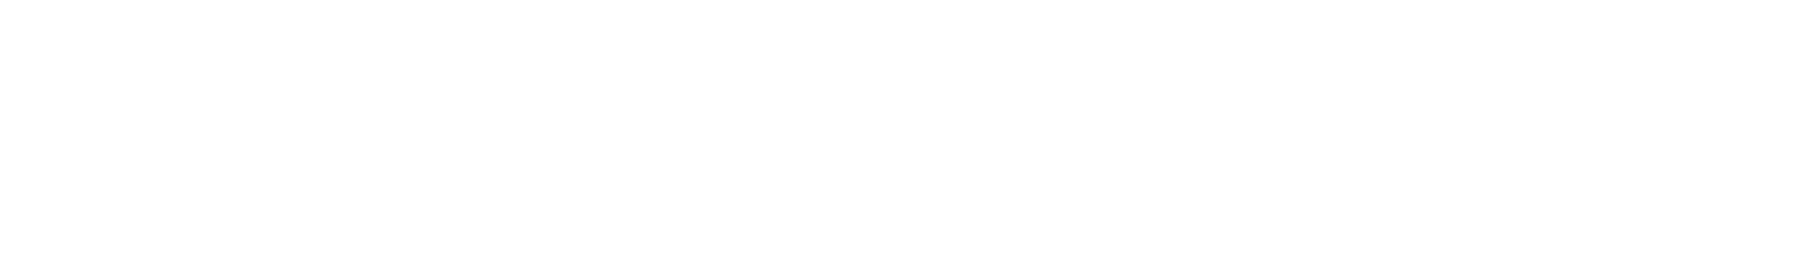 tfx texture 03